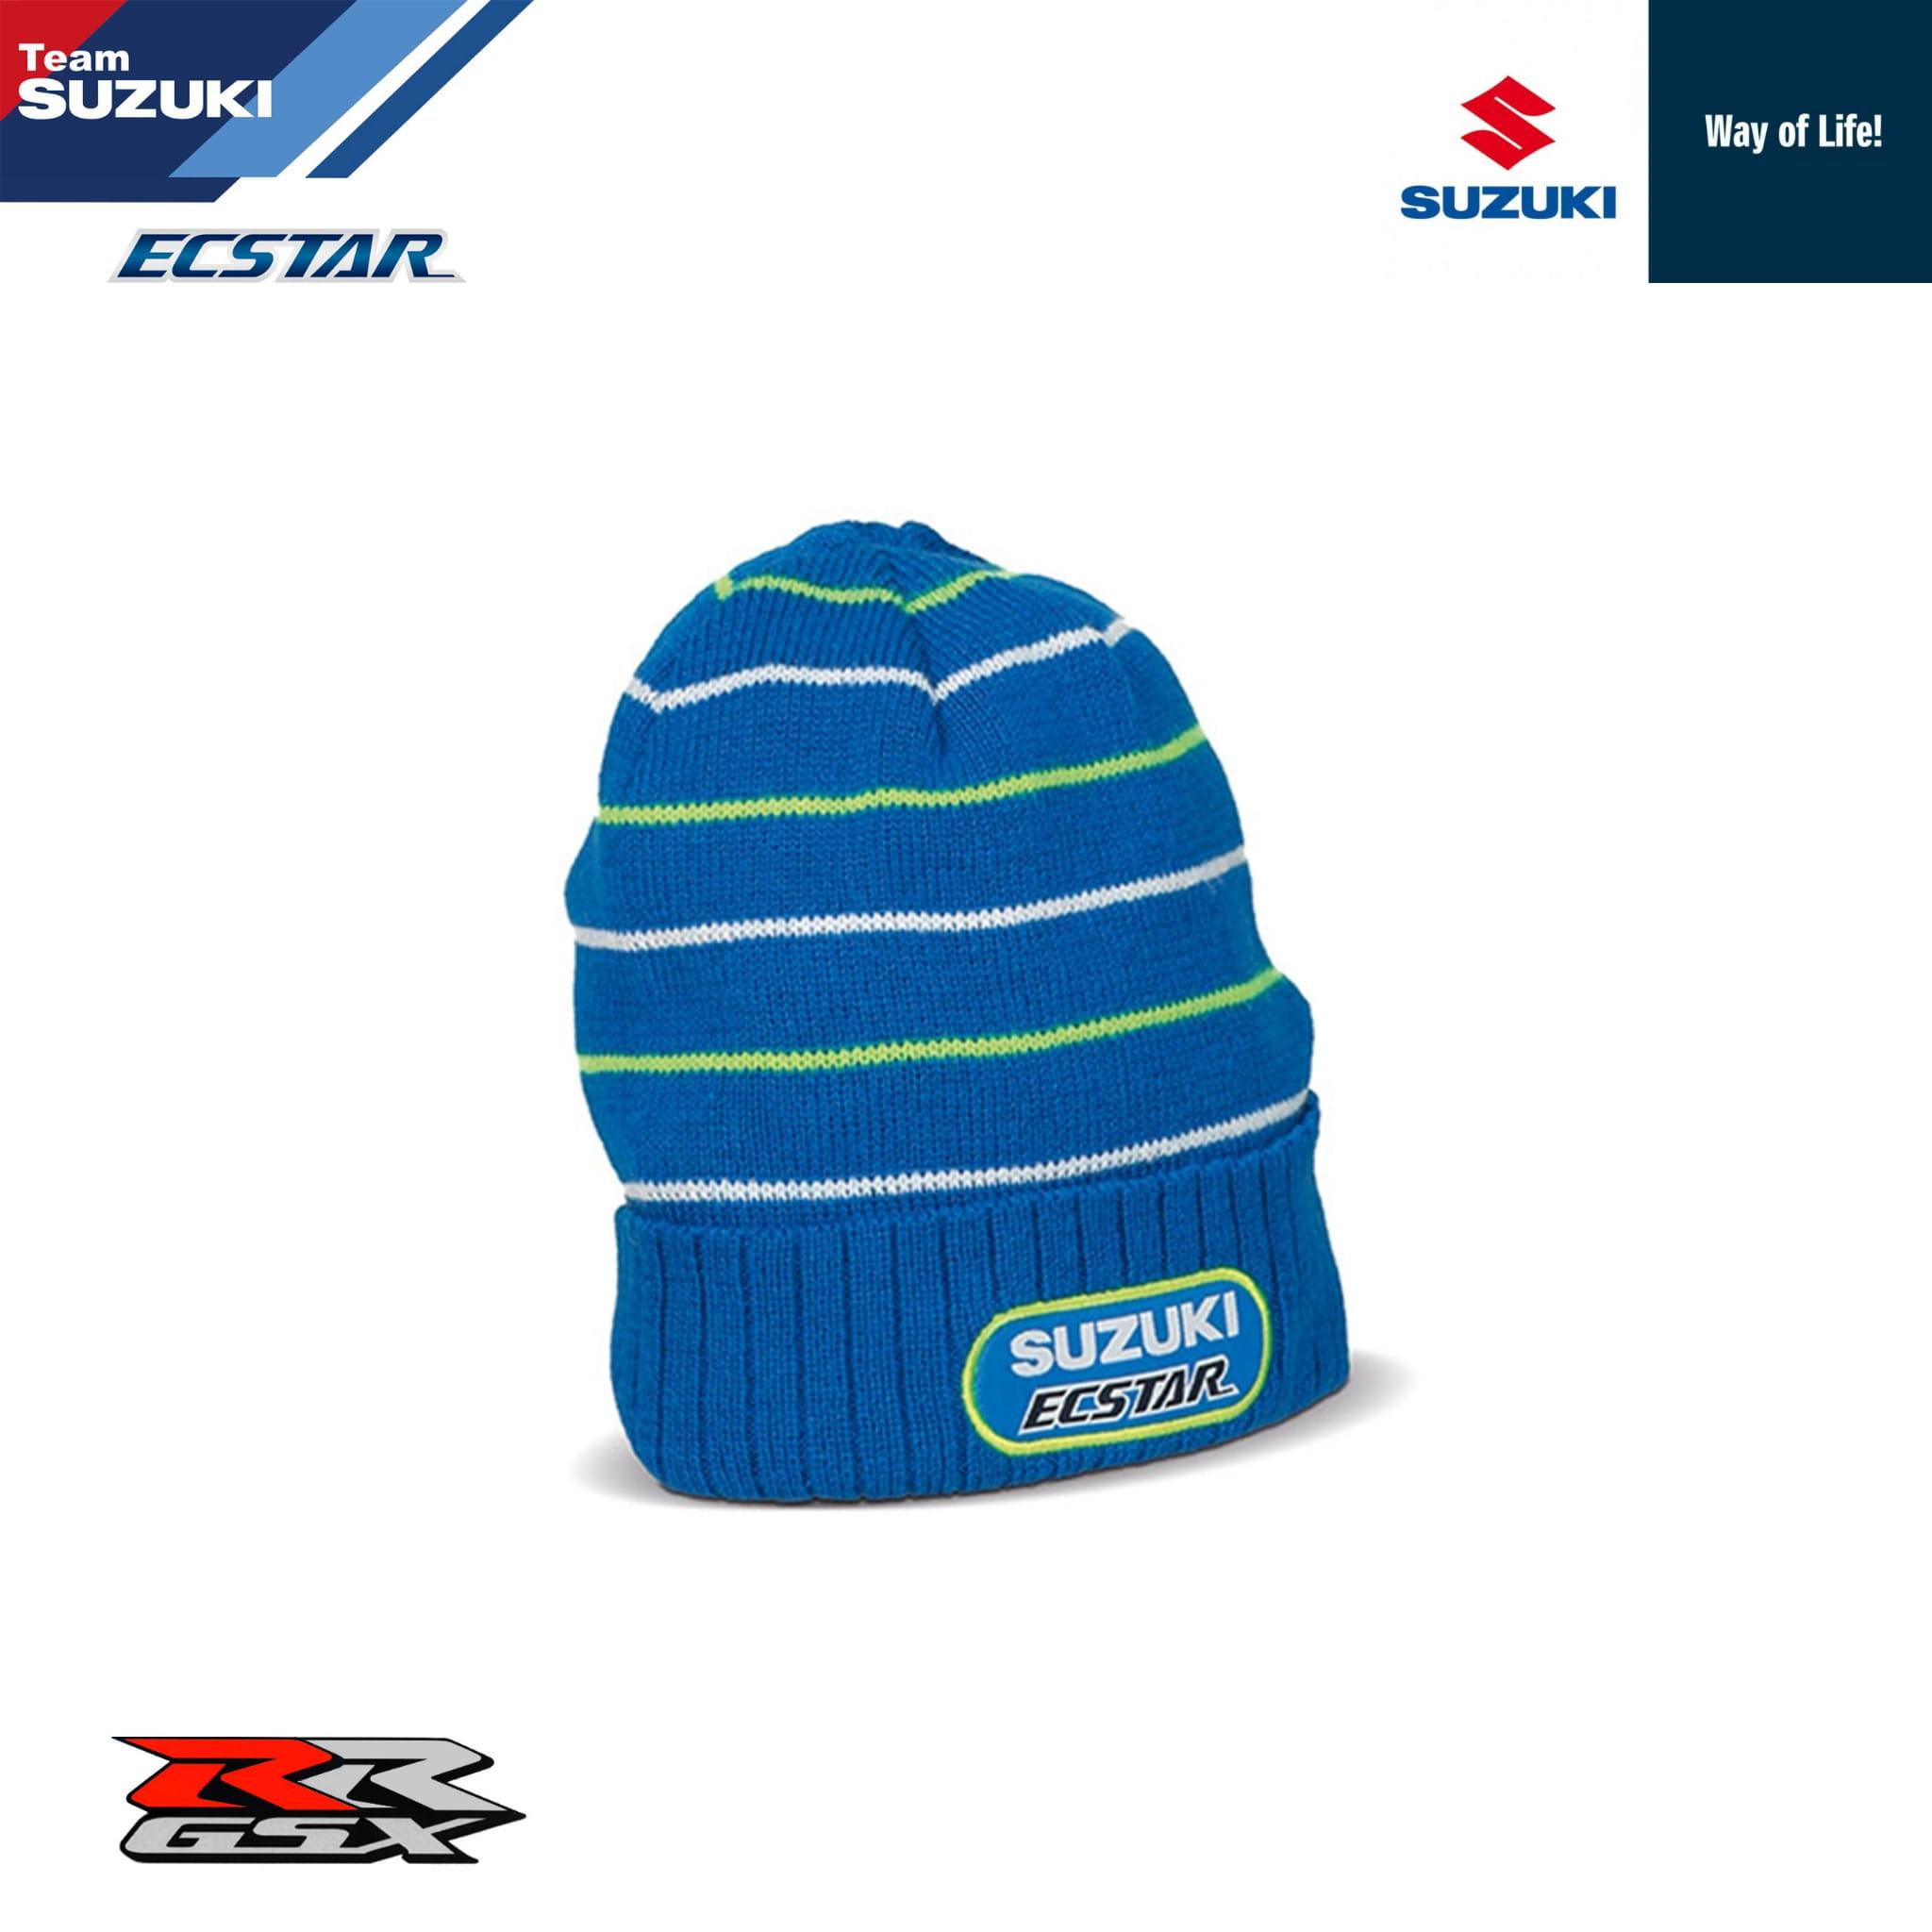 ce2ace6c616d3 Czapka zimowa Suzuki MotoGP części i akcesoria sklep online